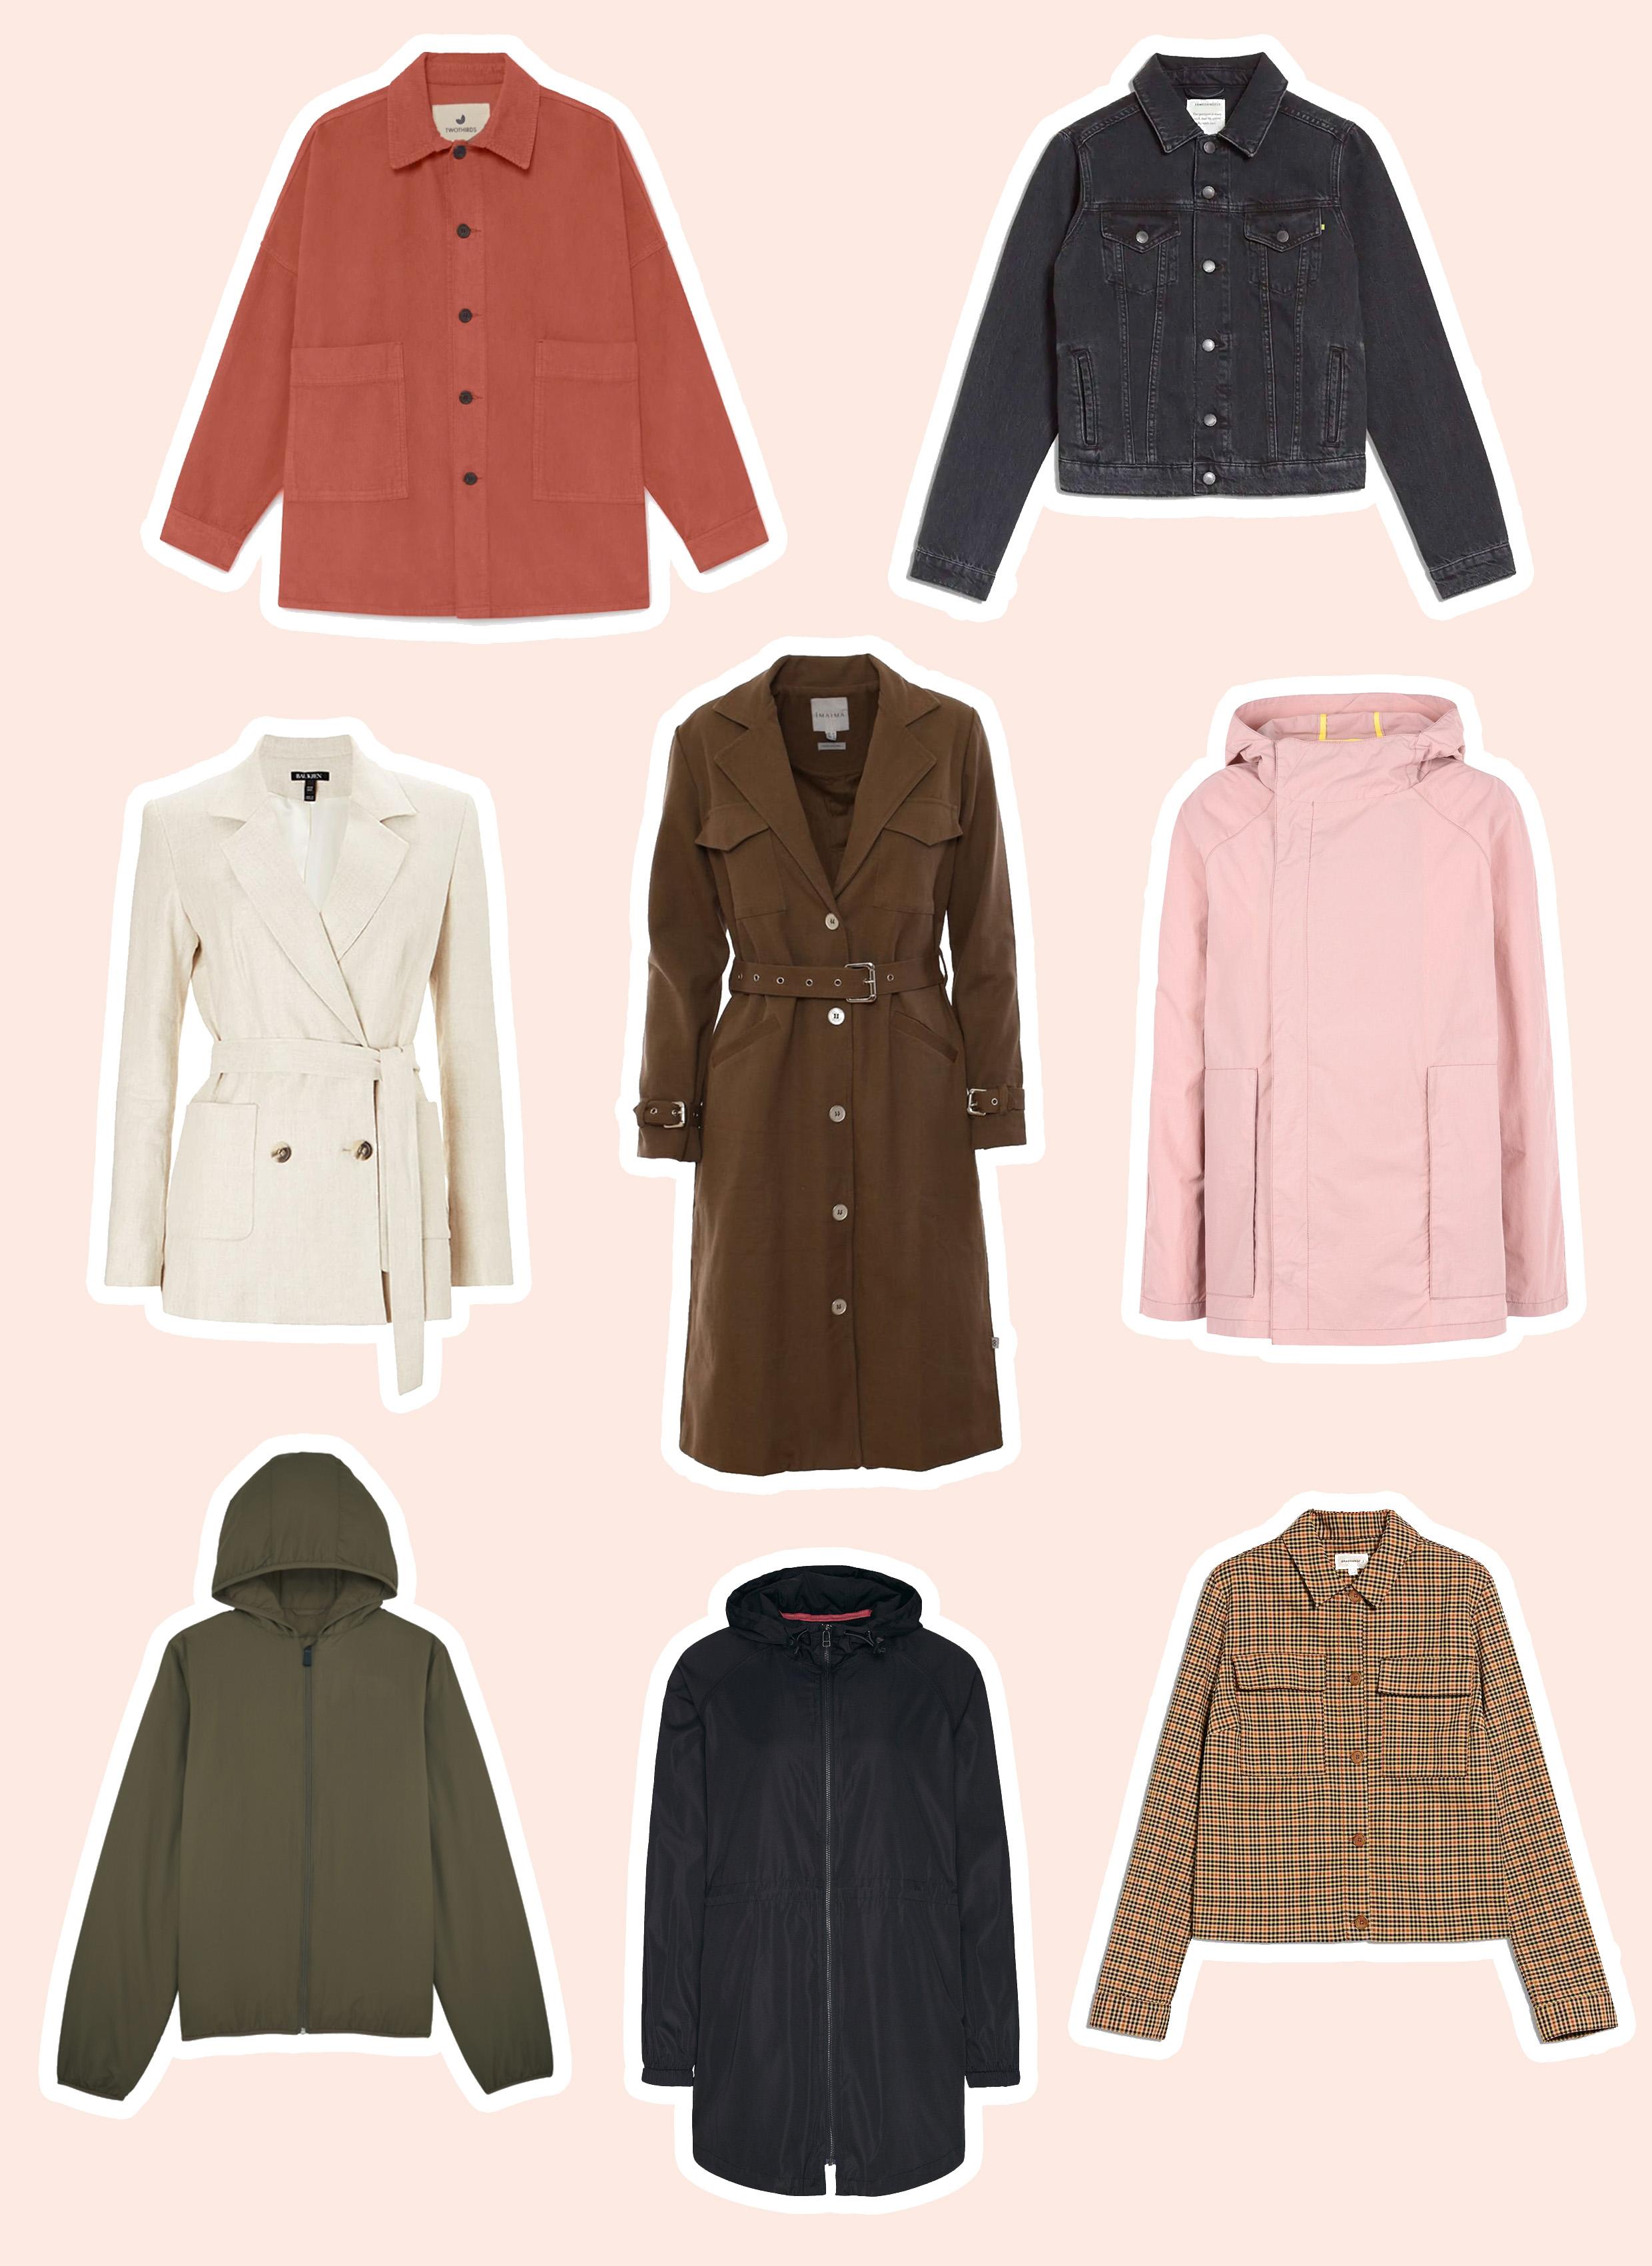 Die 20+ besten Bilder zu Jacken | jacken, kleidung, lange ärmel